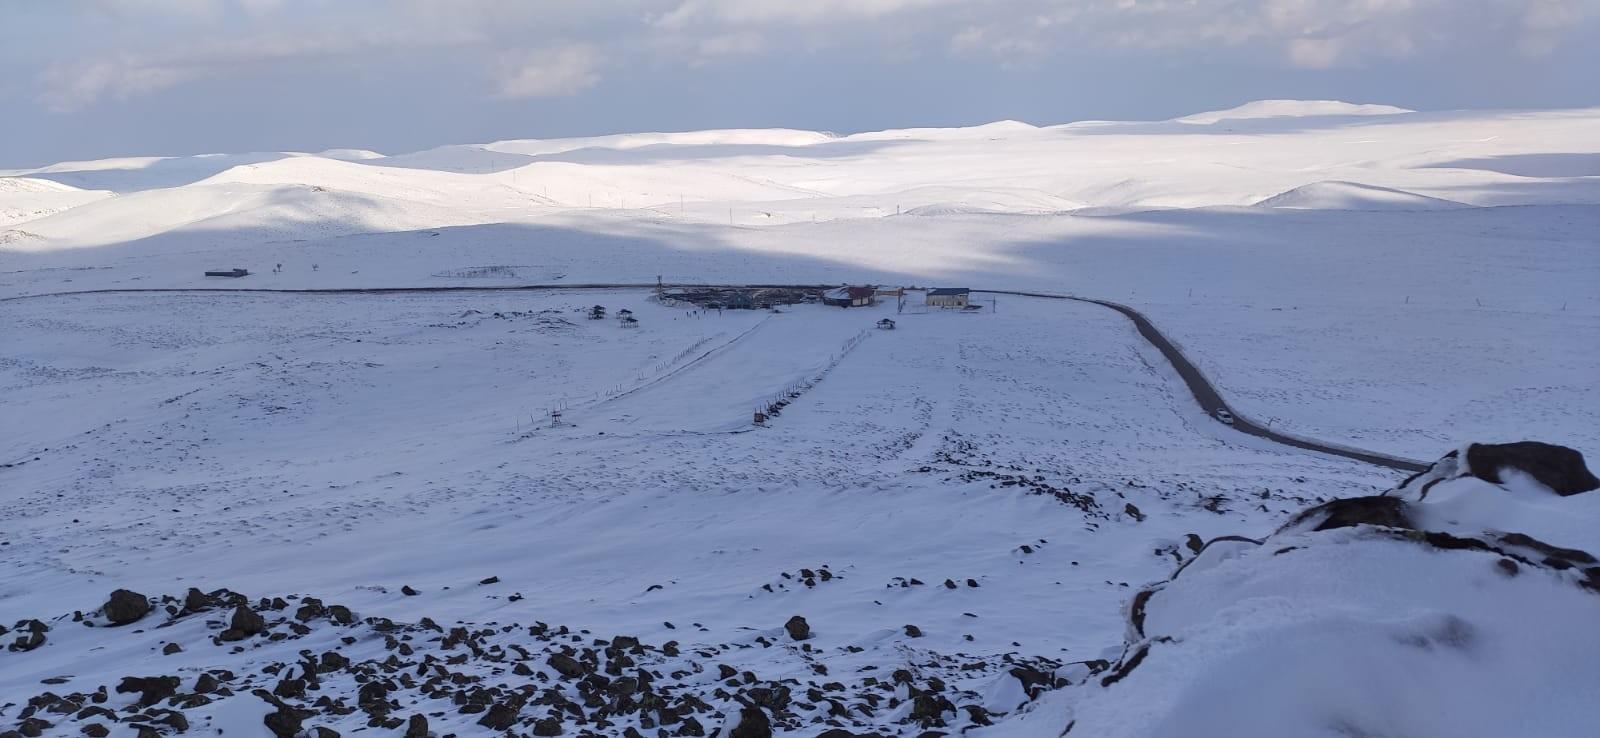 Kayak Merkezine 2019-2020 Yılı Kış Mevsiminin İlk Karı Yağdı